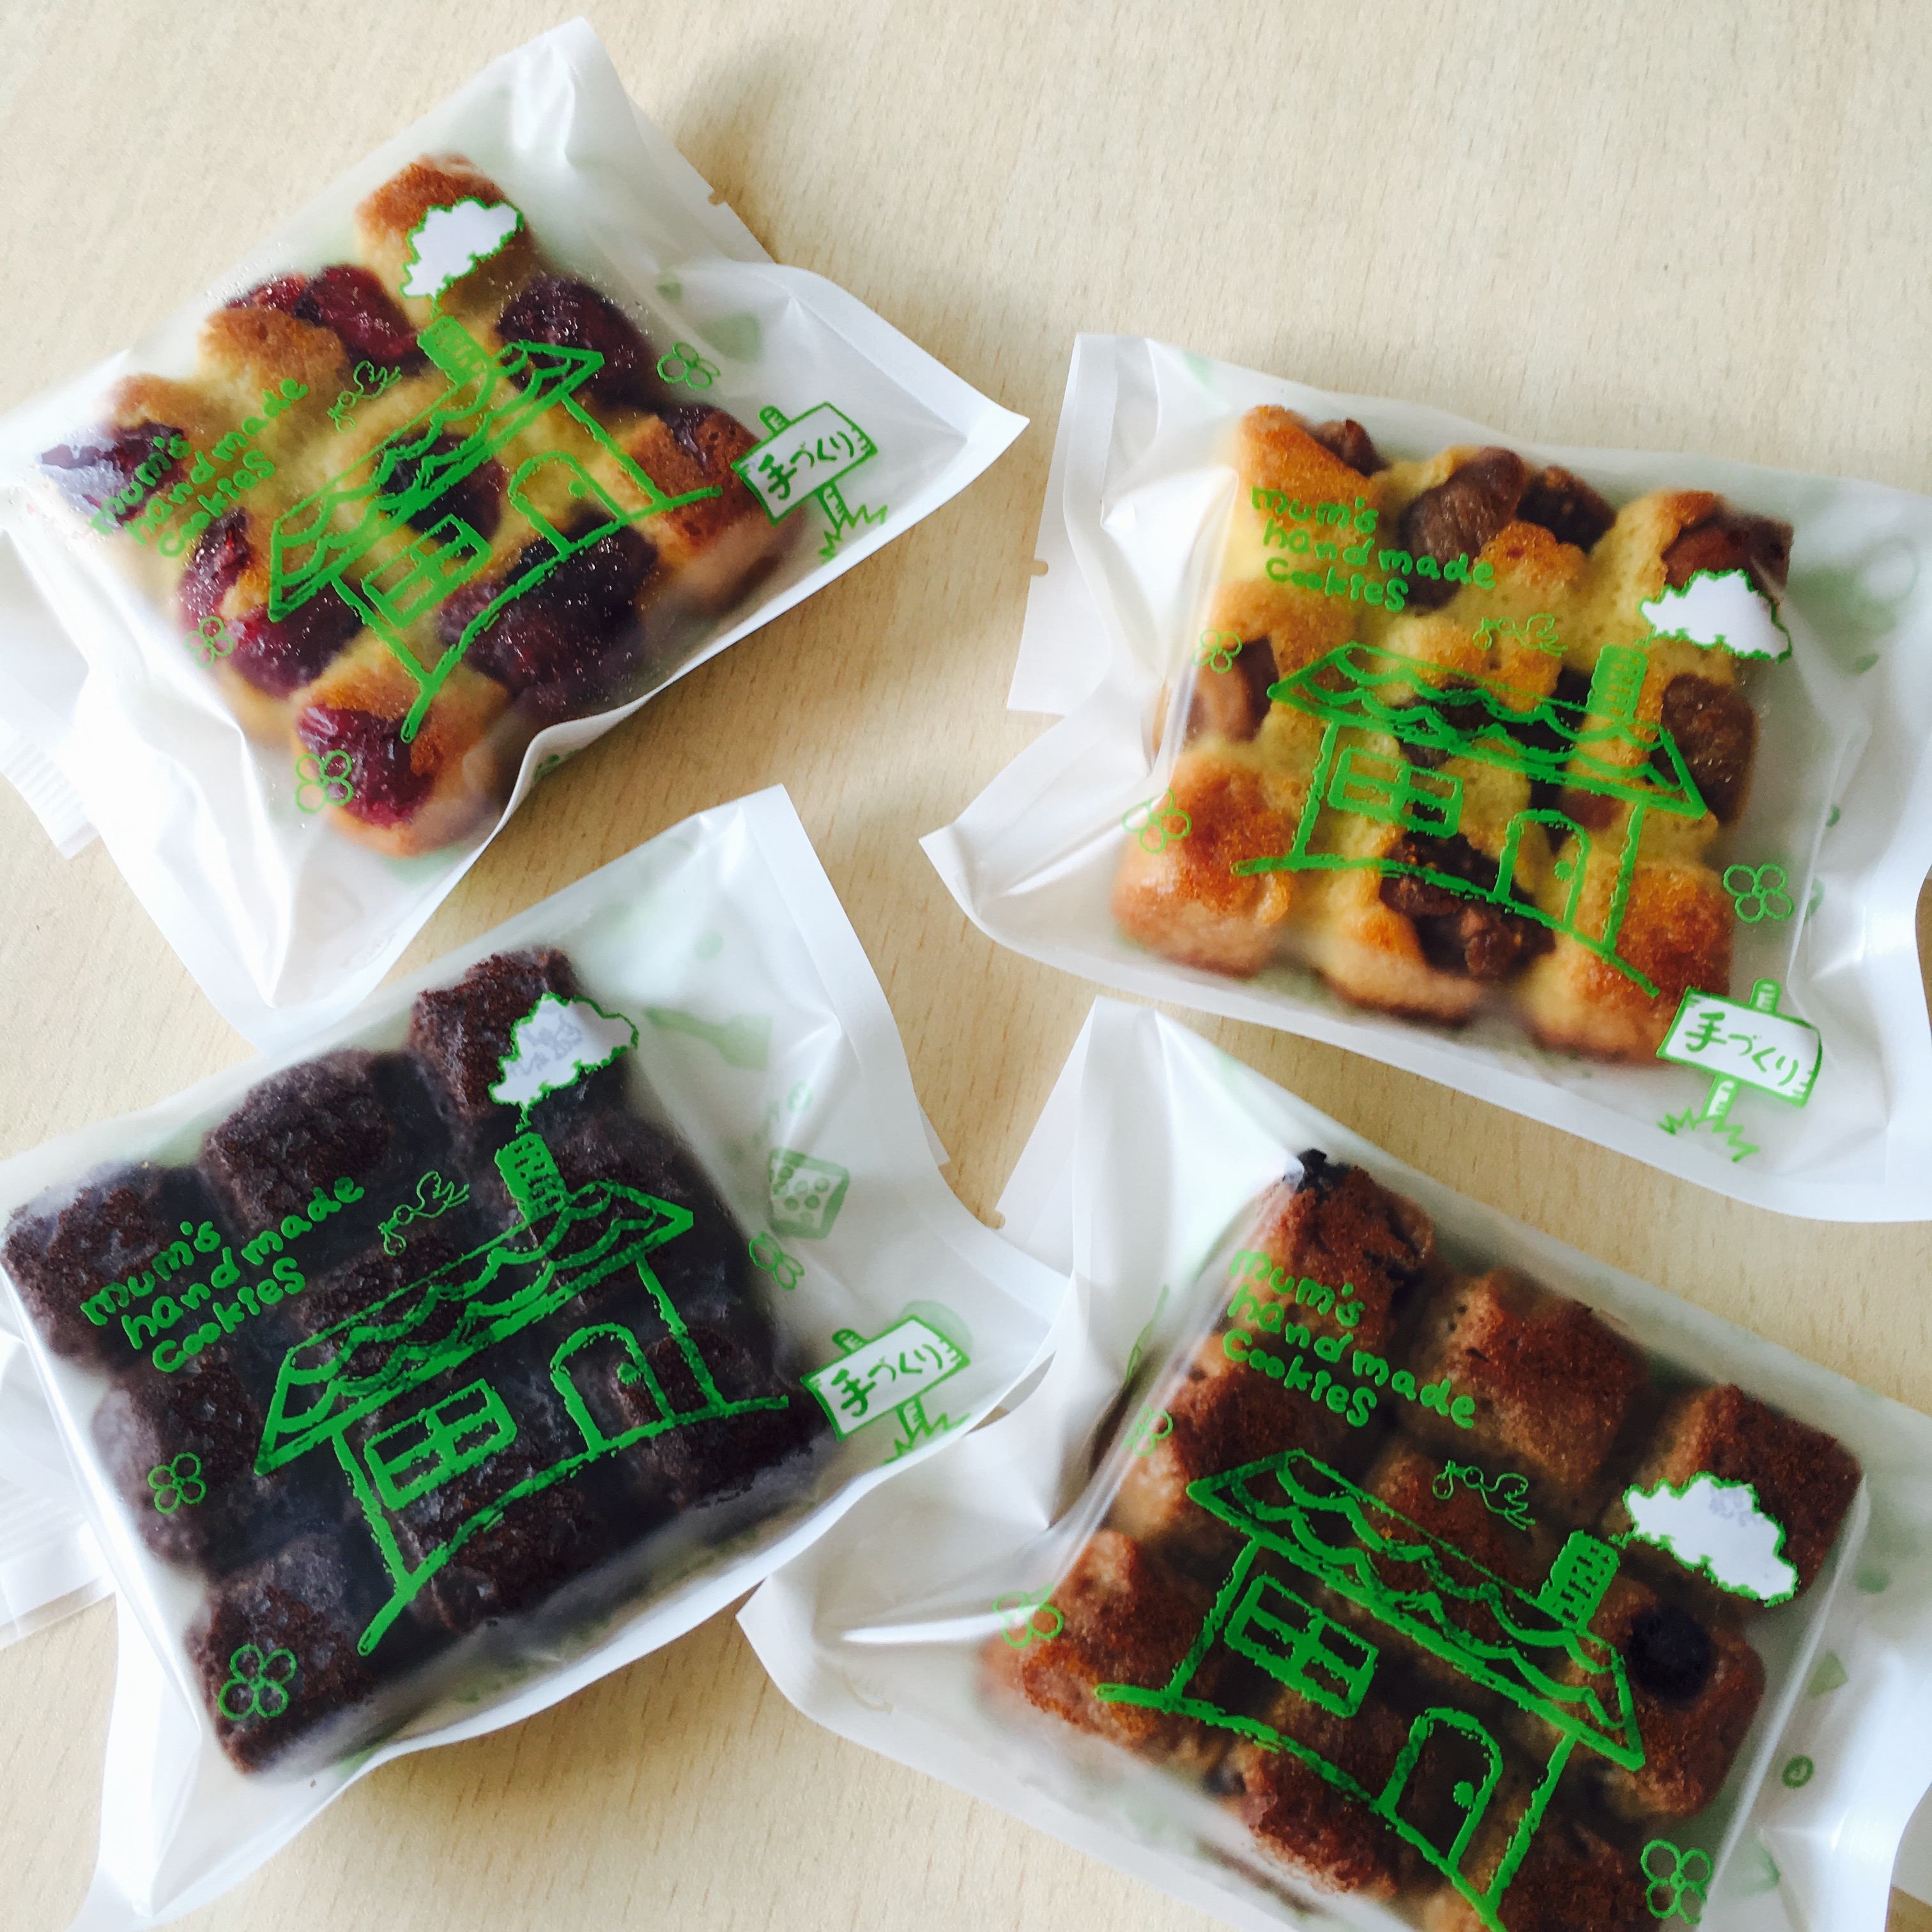 【ユーカズクッキーファクトリー】熊本蓮台寺@オシャレなクッキーがあるお店